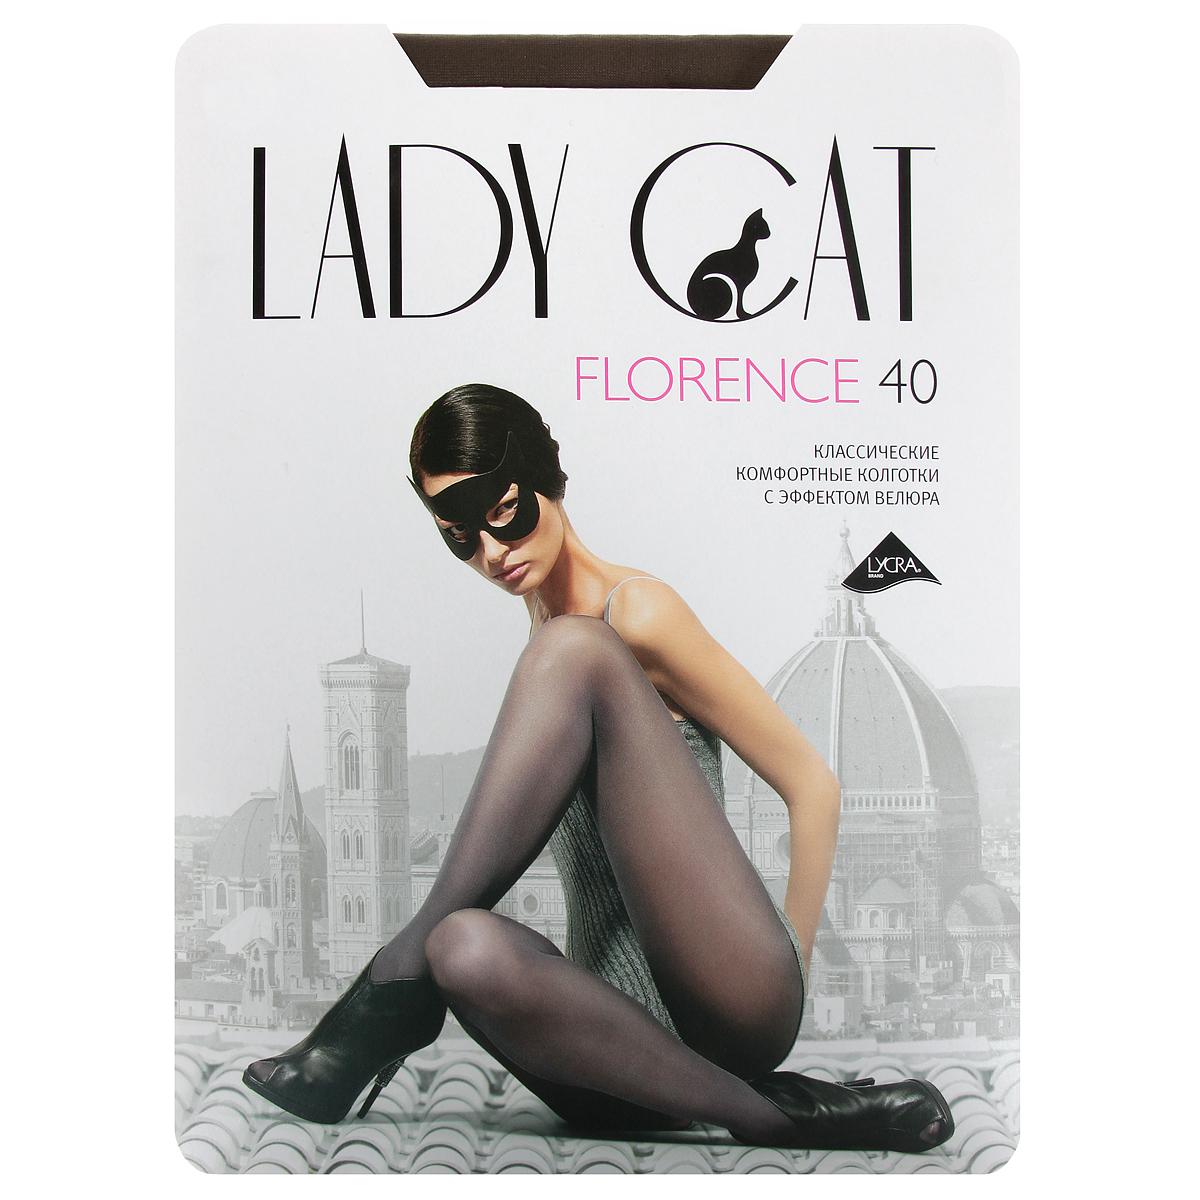 Колготки Грация Lady Cat Florence 40, цвет: дымчатый. Размер 2 колготки грация lady cat new york 40 цвет телесный размер 6